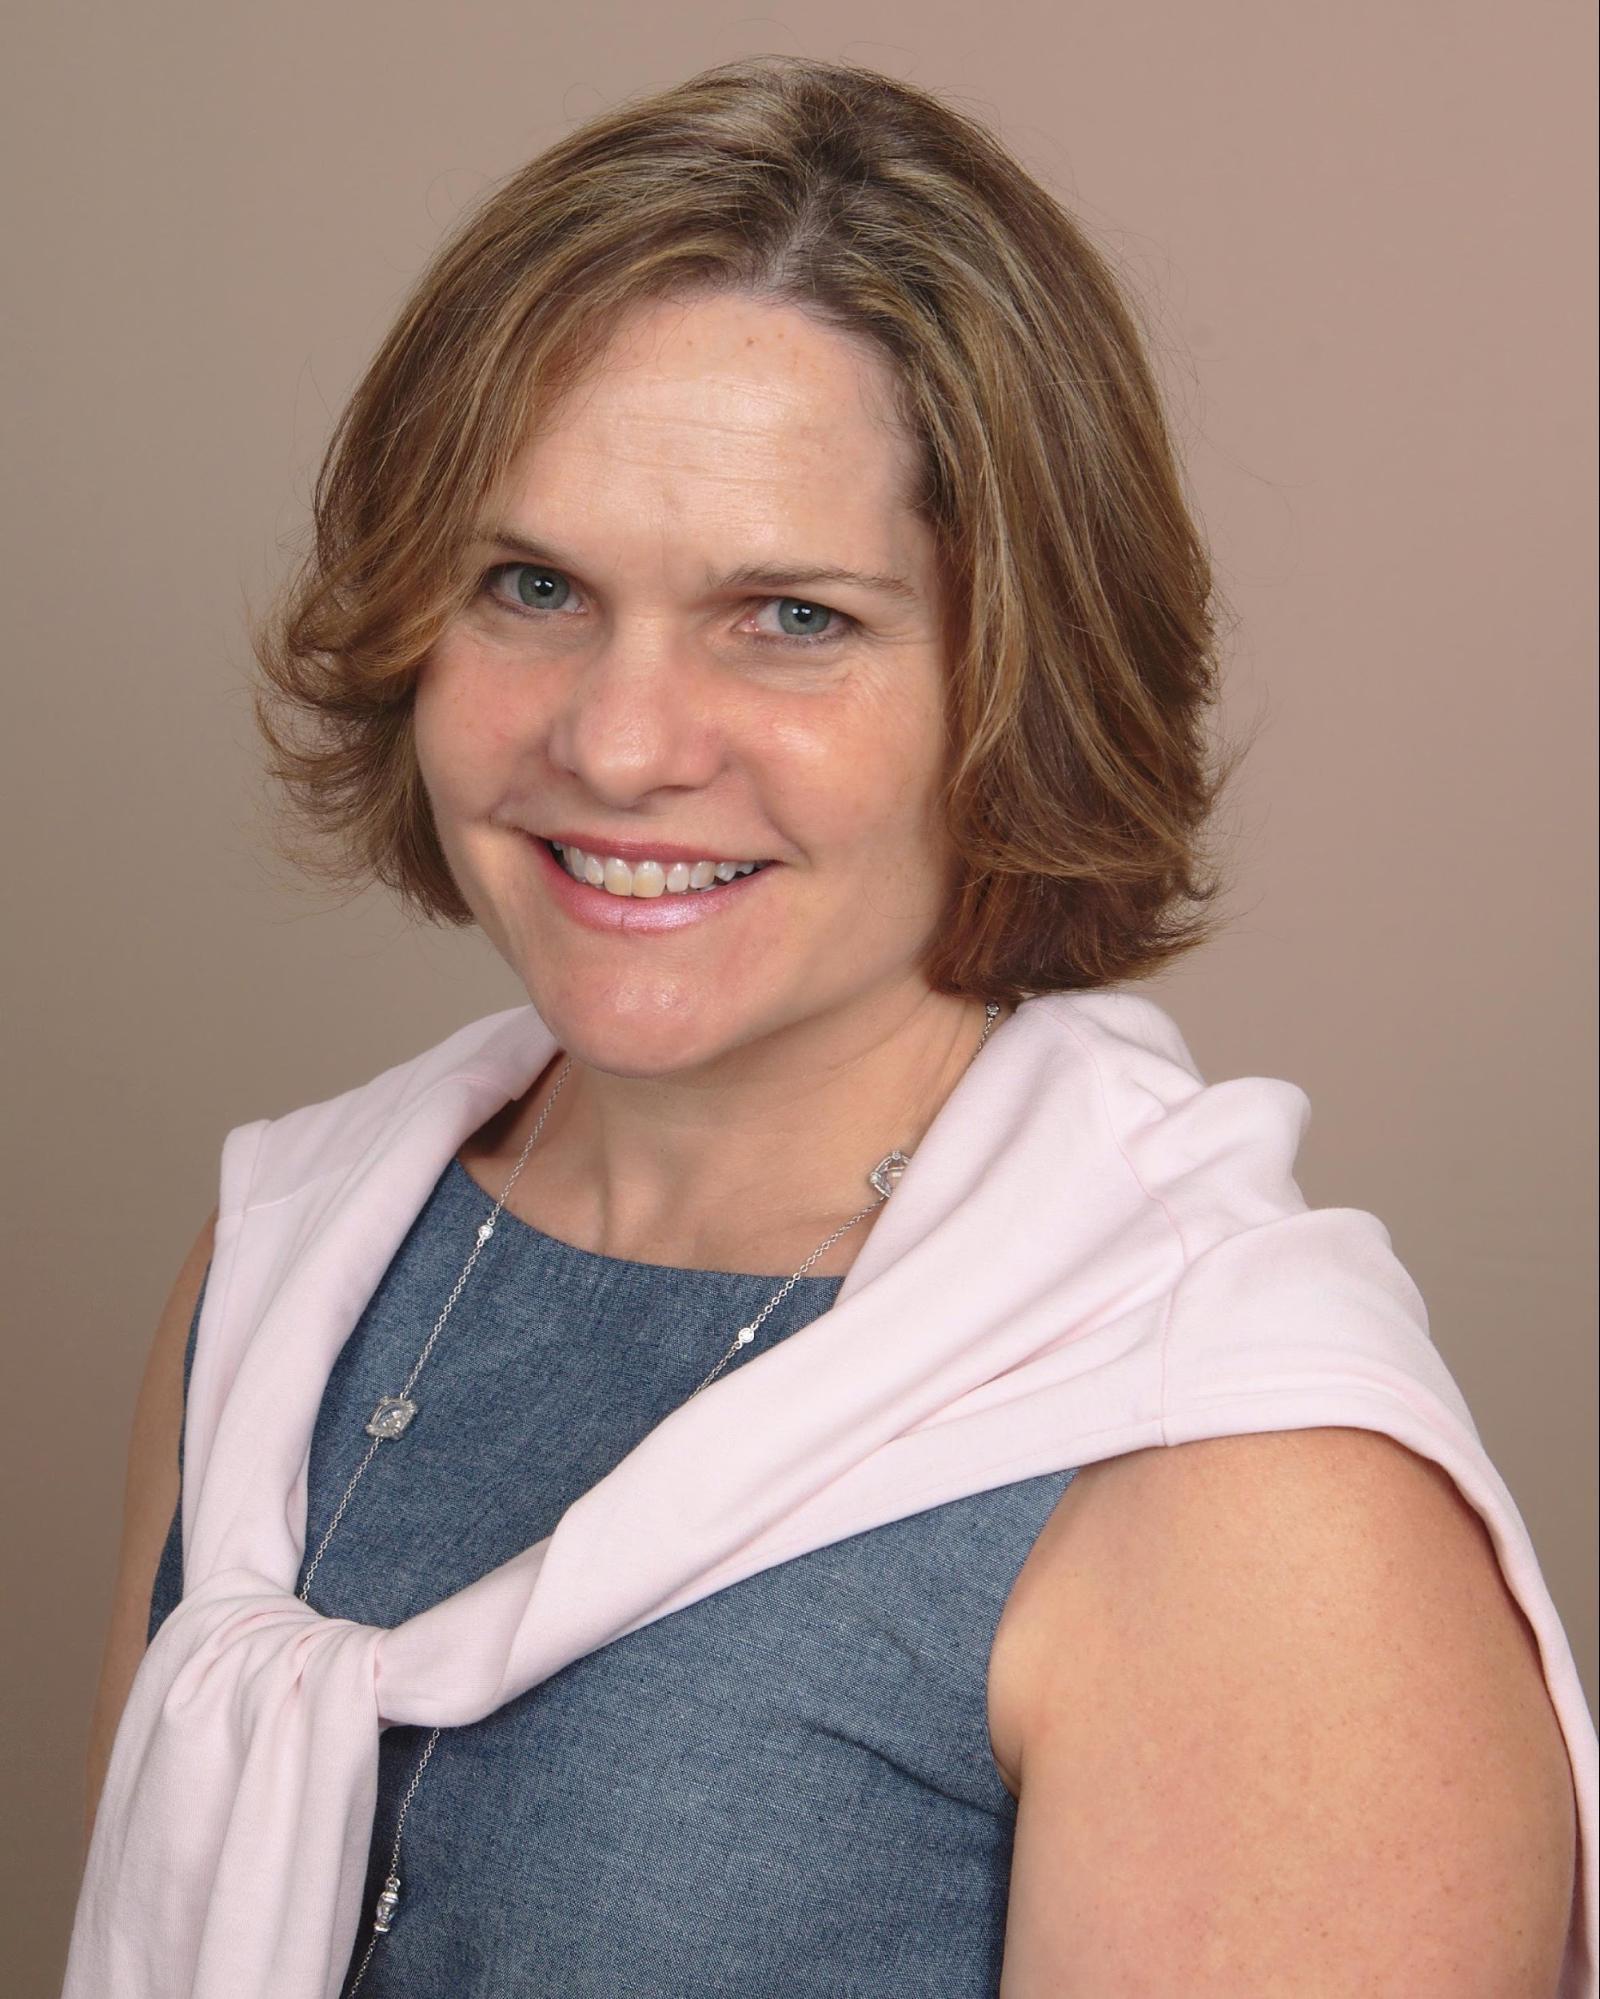 Jennifer Minsky, Realtor, Tauber Real Estate Services